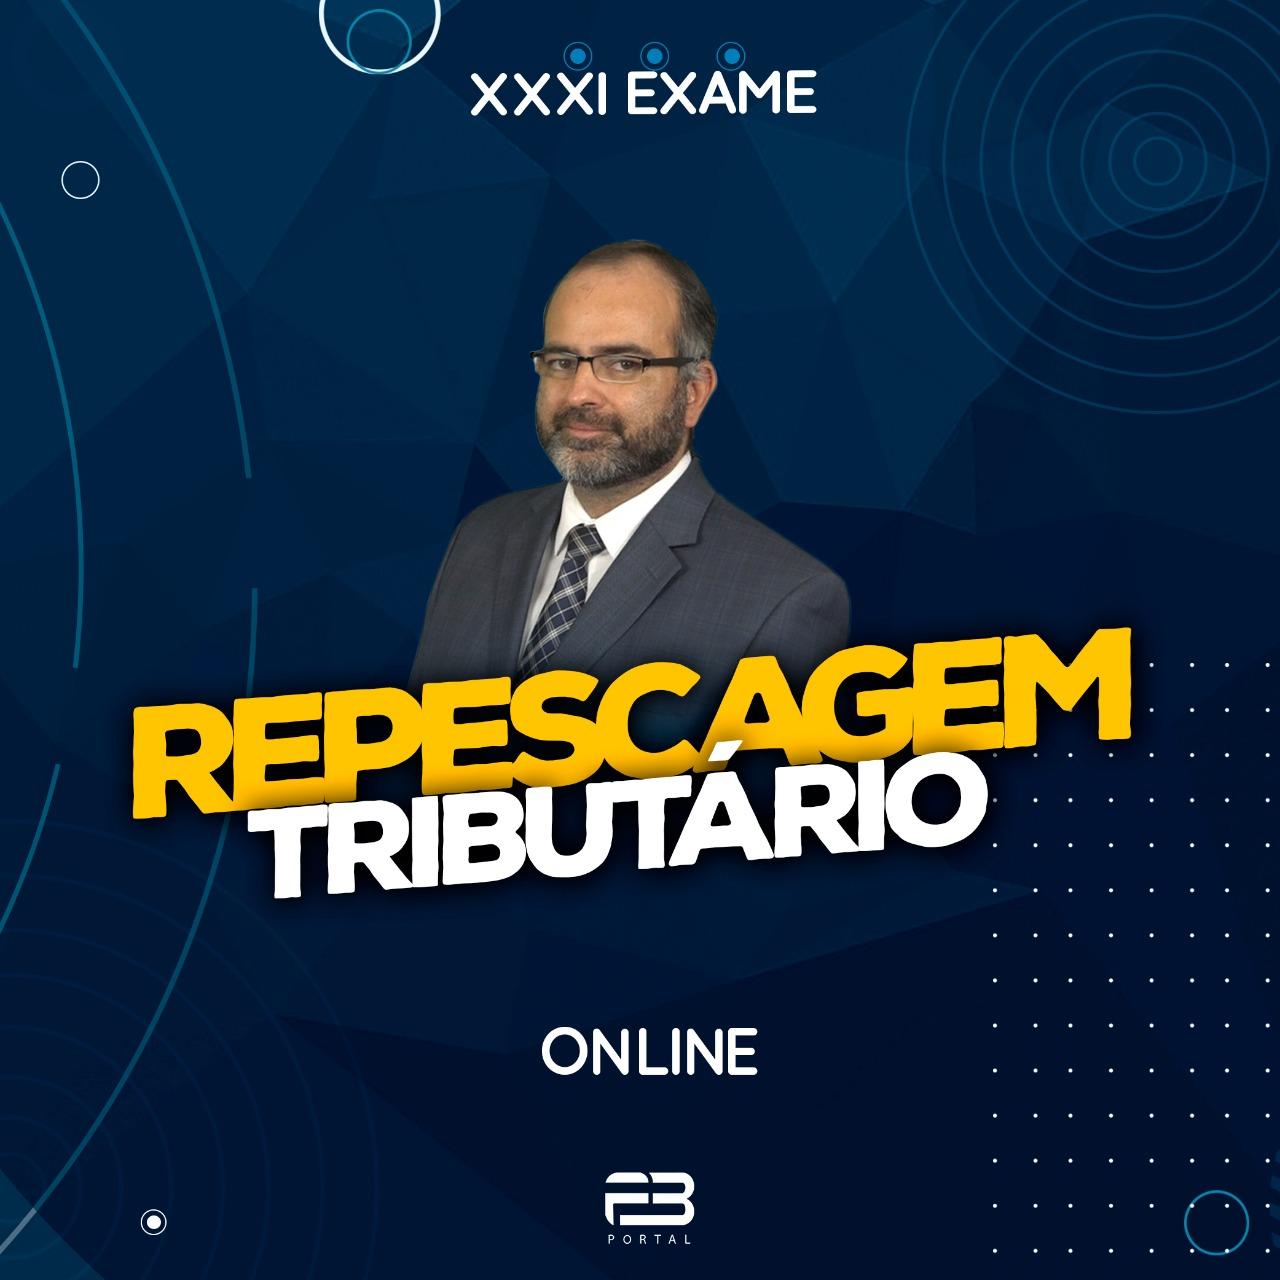 2ª FASE REPESCAGEM TRIBUTÁRIO - XXXI EXAME ONLINE